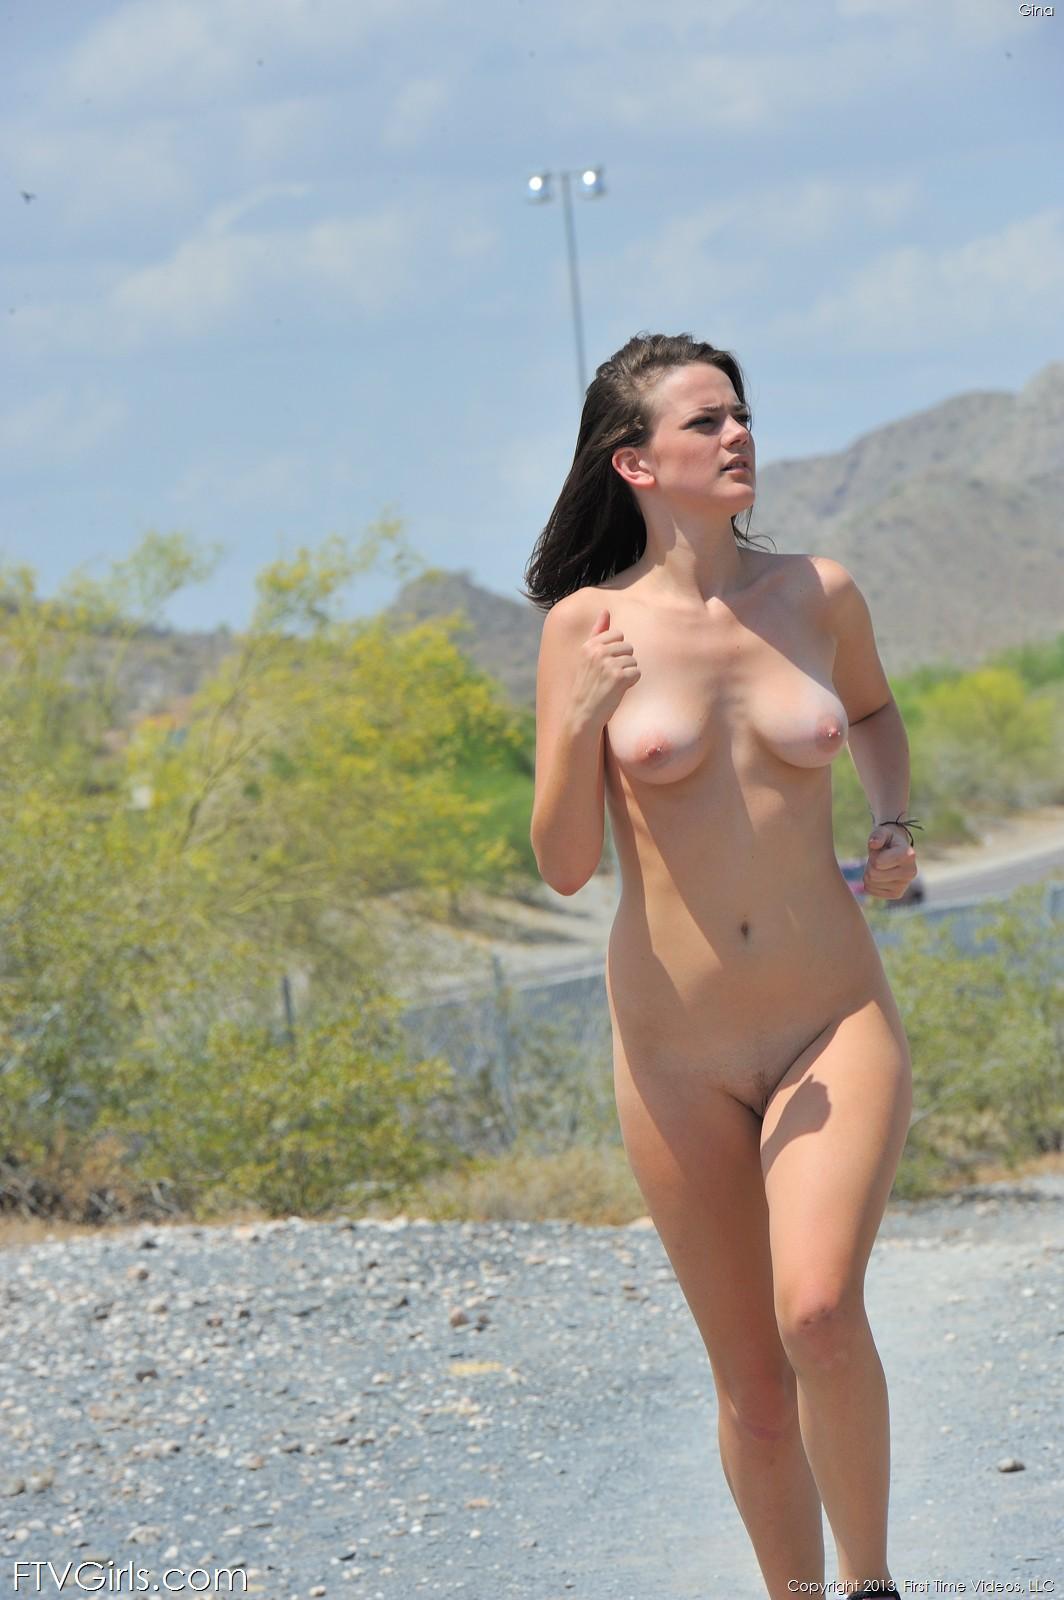 girl nude run